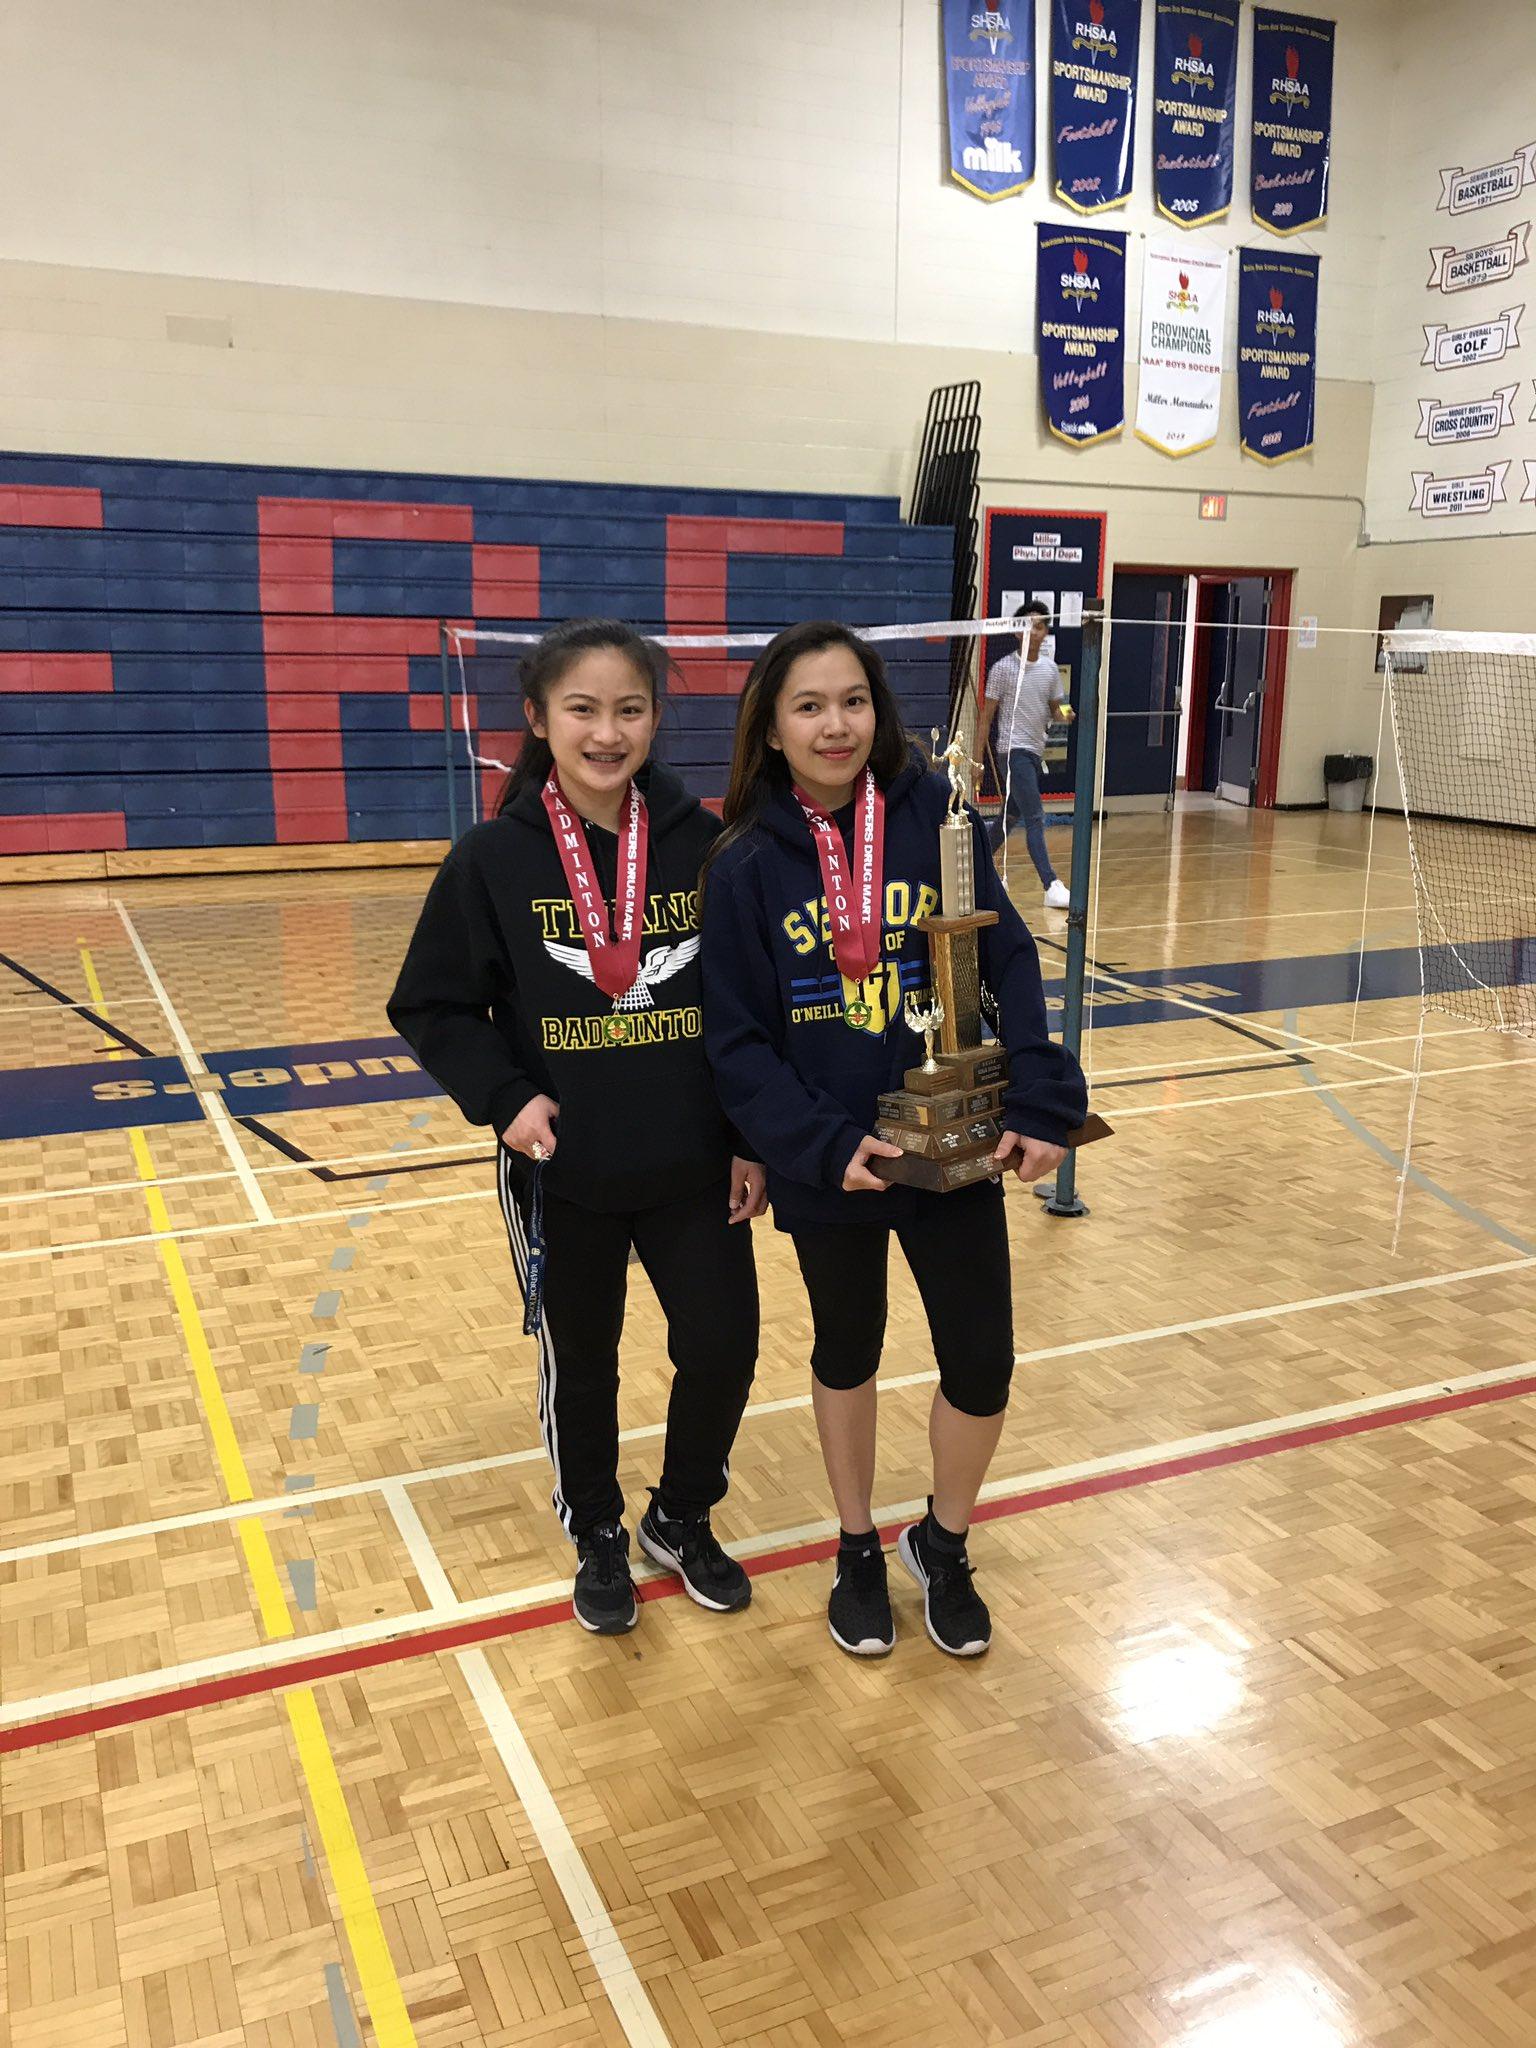 Congratulations O'Neill High School on winning the Girls Doubles Title!! https://t.co/MNCkFUVqNZ